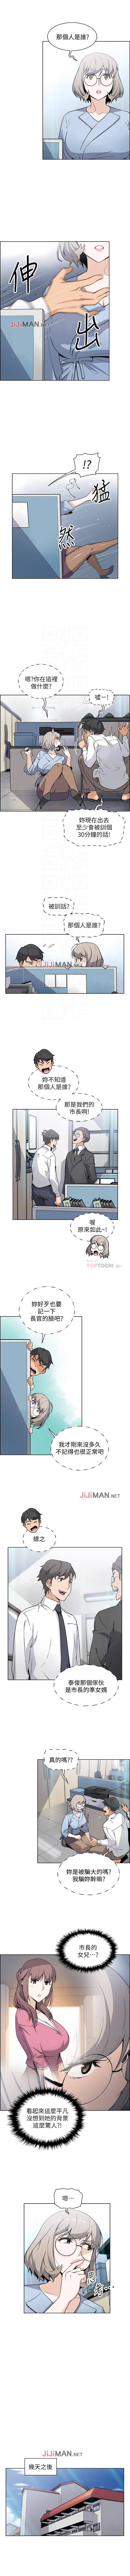 【周四连载】前女友变女佣(作者:PAPER&頸枕) 第1~33话 211